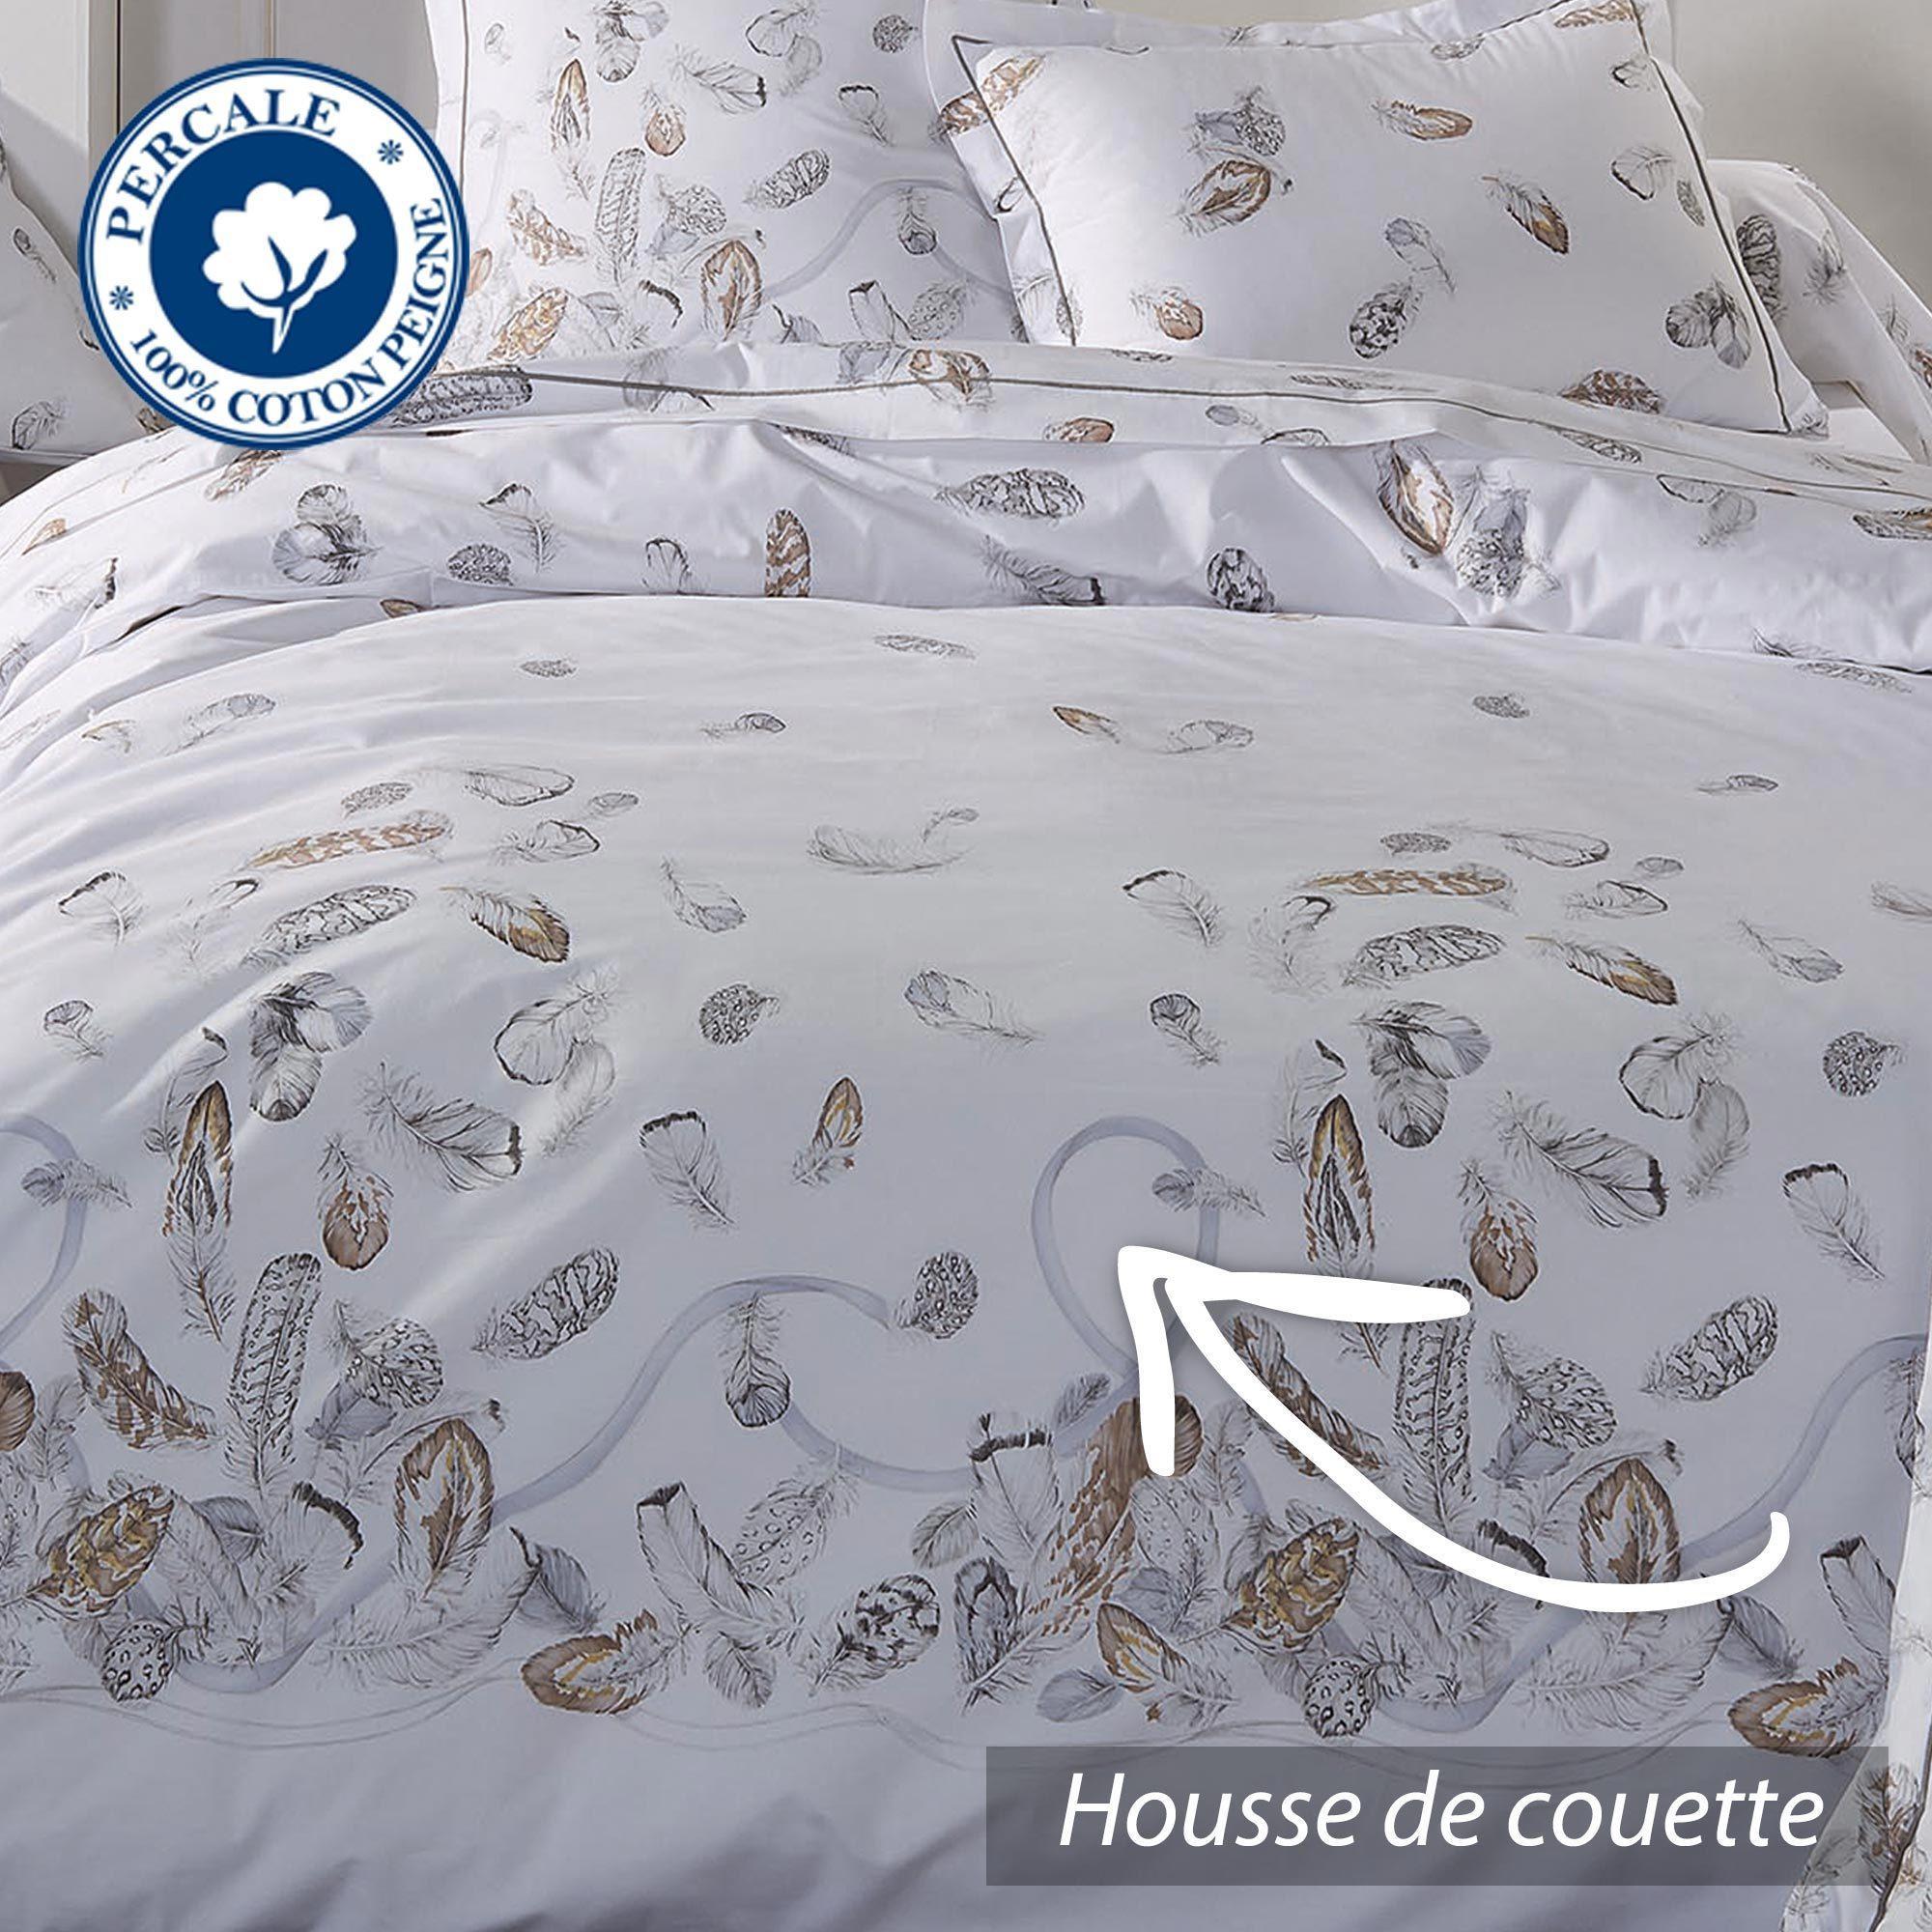 Housse de couette 200x200 cm percale pur coton plumes eur 64 47 picclick fr - Housse de couette coton egyptien ...